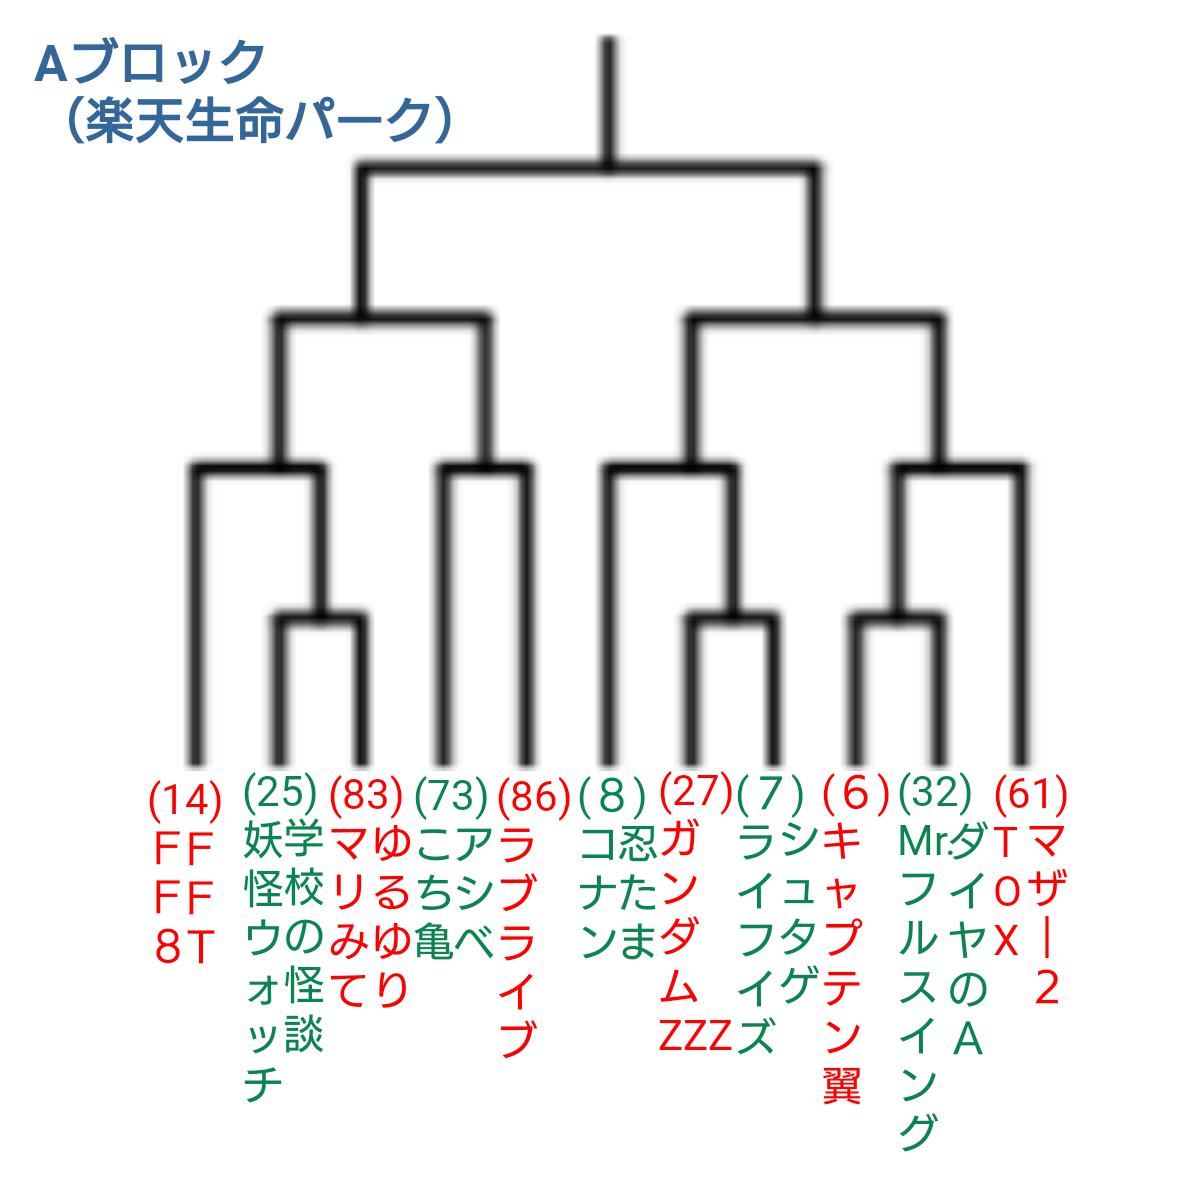 f:id:kinokomagic:20201229174256p:plain